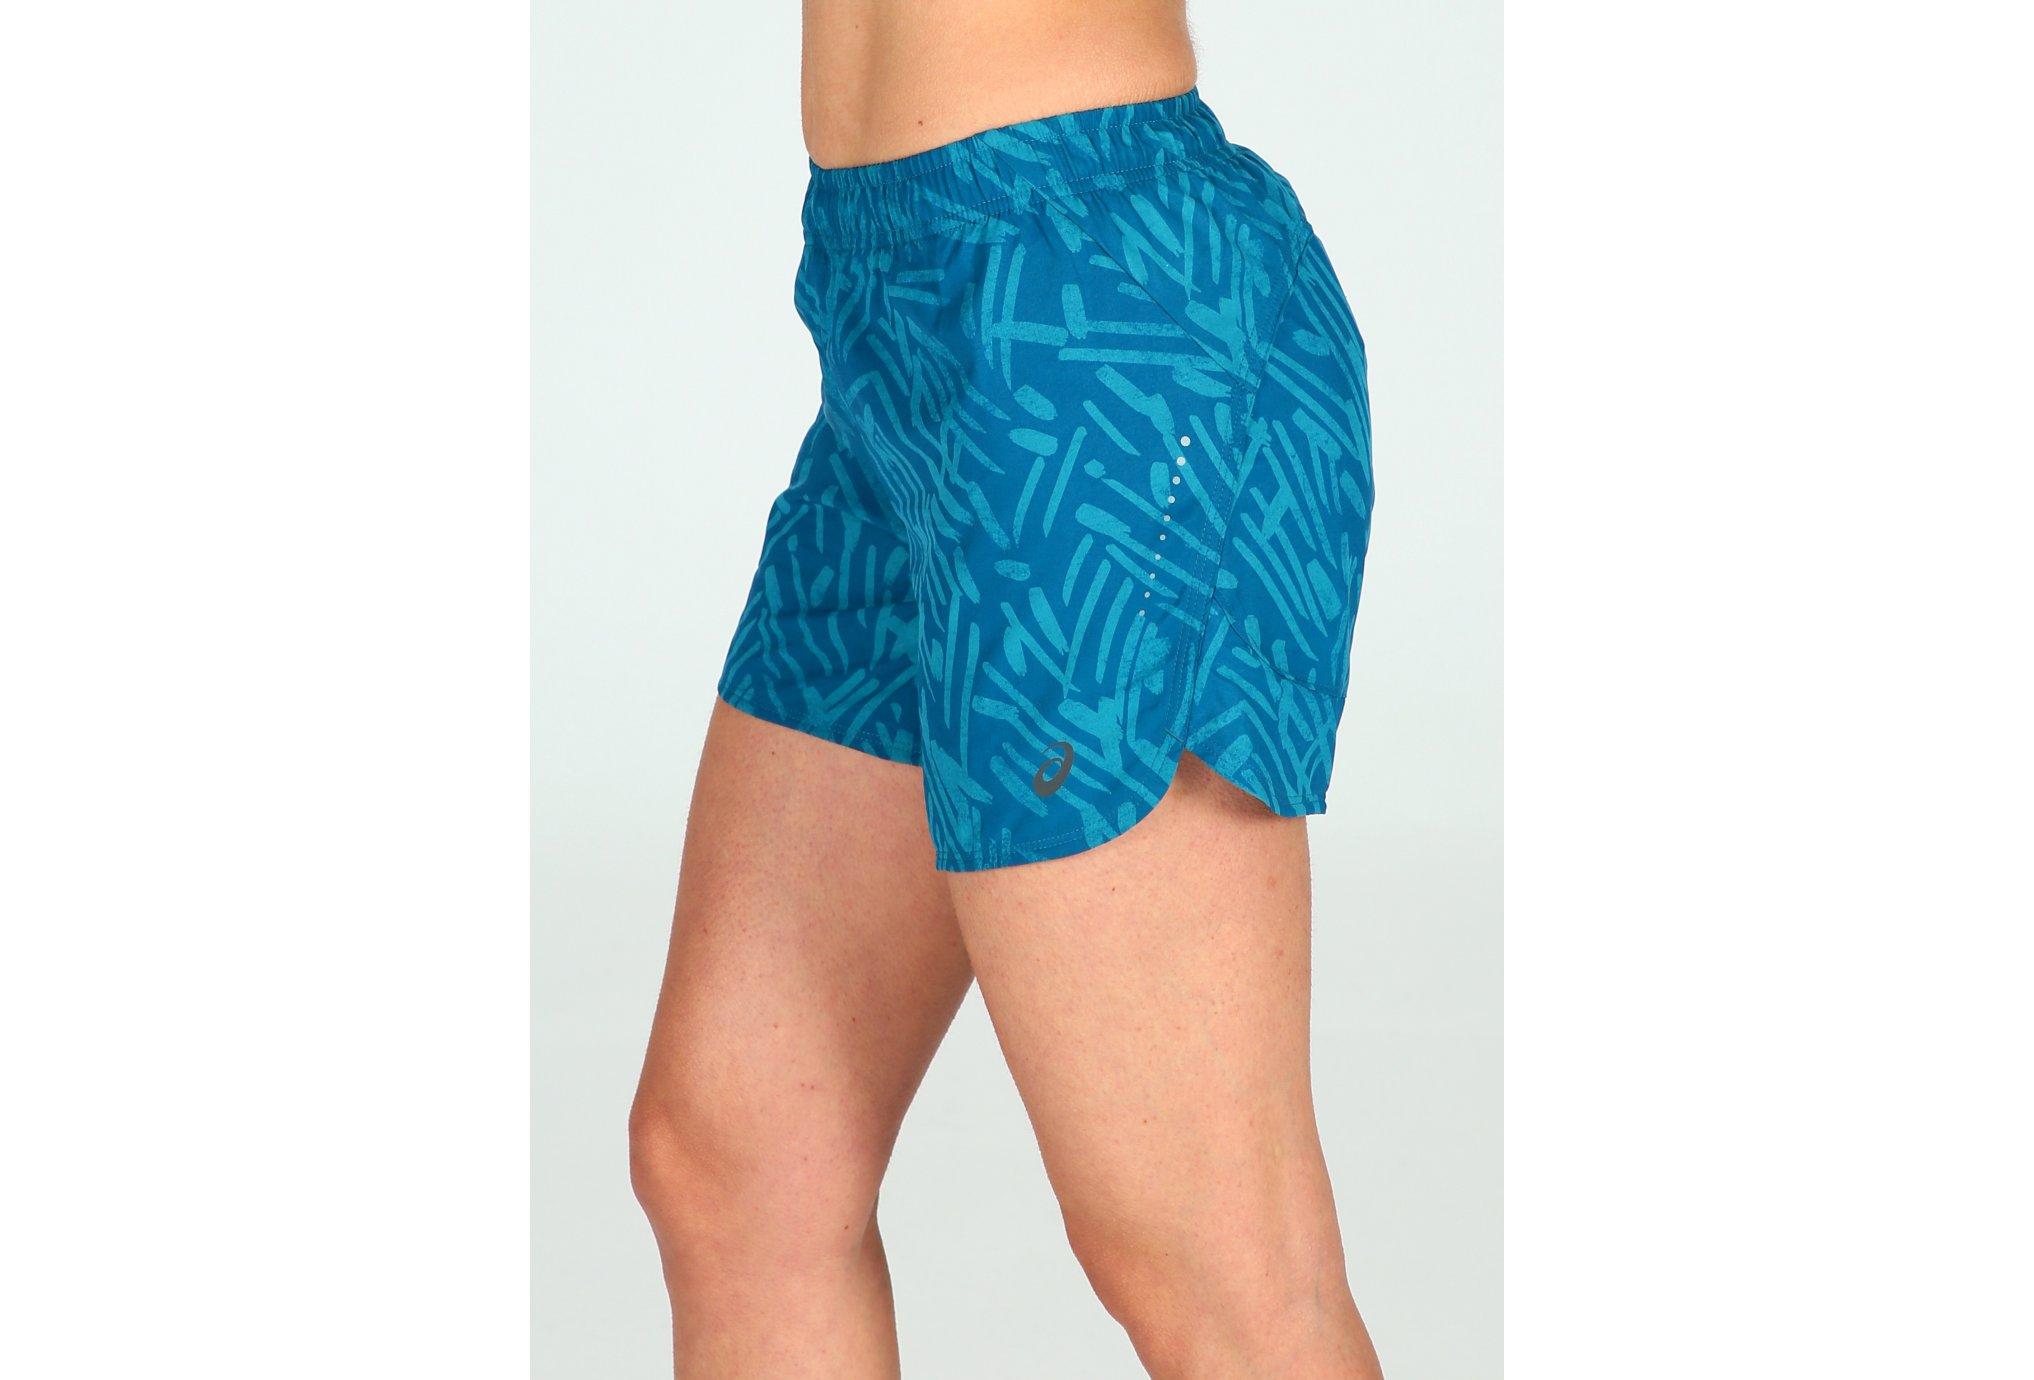 Asics Short Woven 5-5 Inch W Diététique Vêtements femme